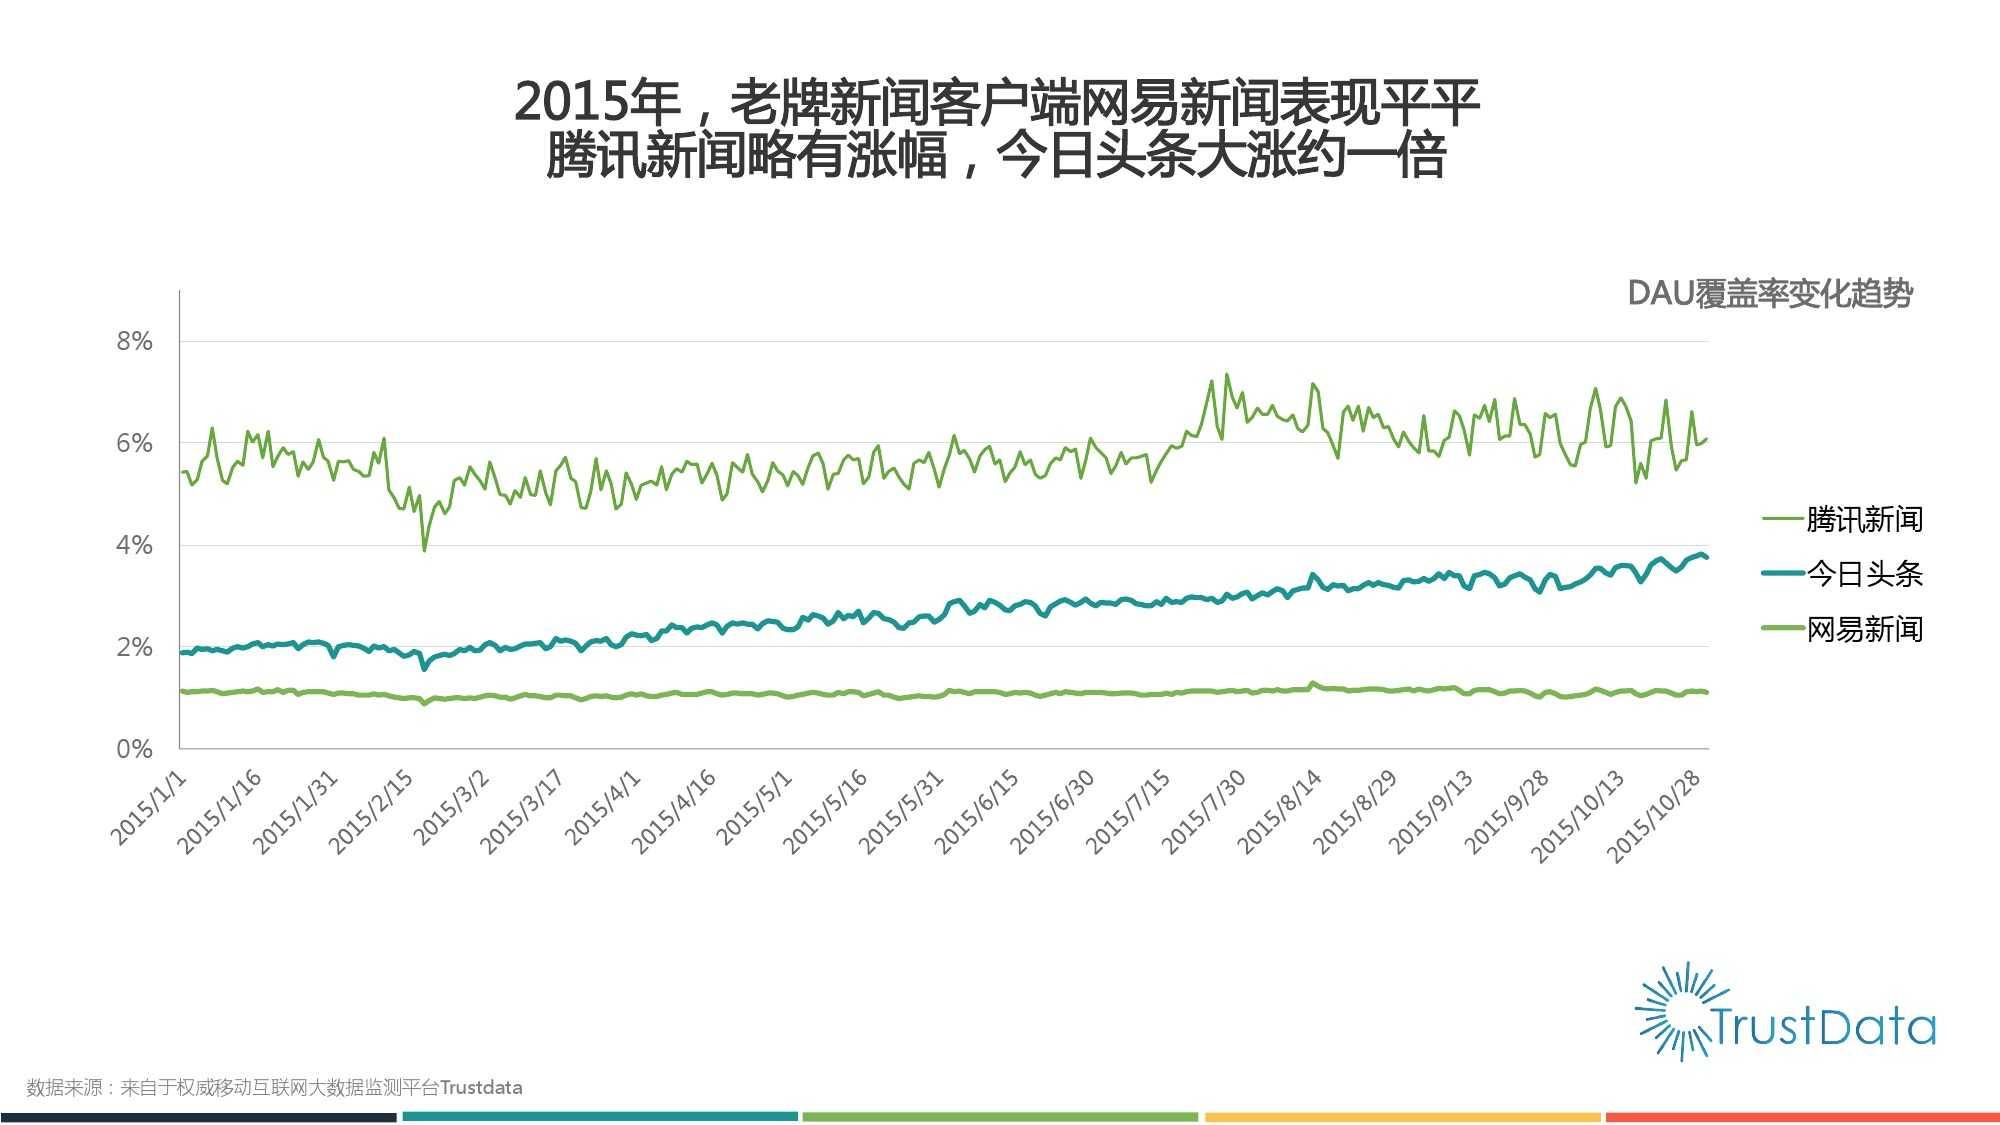 2015年1月至10月中国移动互联网新闻客户端发展分析报告 Final_000008